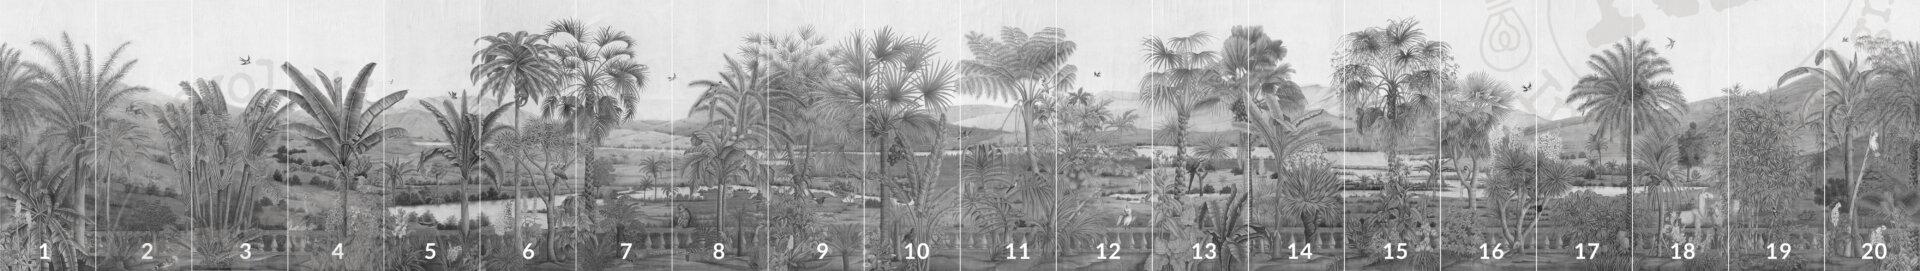 Overzicht van alle panelen van panormamabehang 'D-Dream' in kleur grey van merk IKSEL in medium